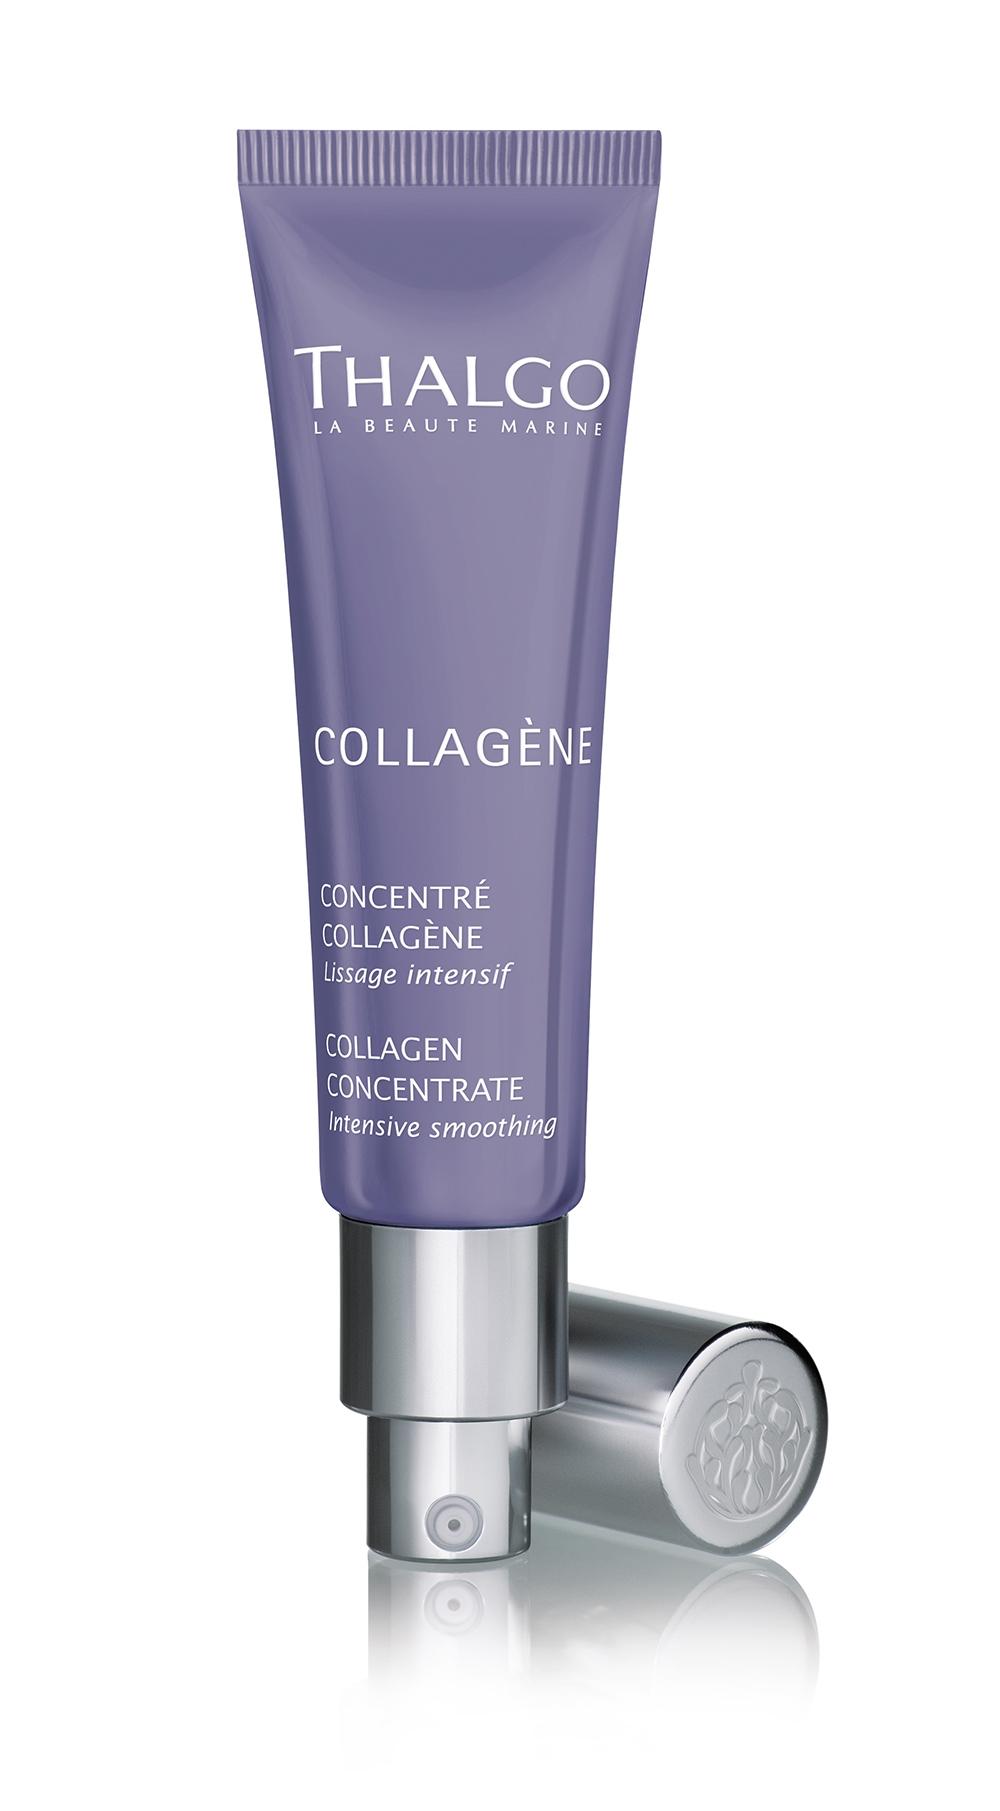 Thalgo Концентрированная Сыворотка с коллагеном Collagen Concentrate, 30 мл цена